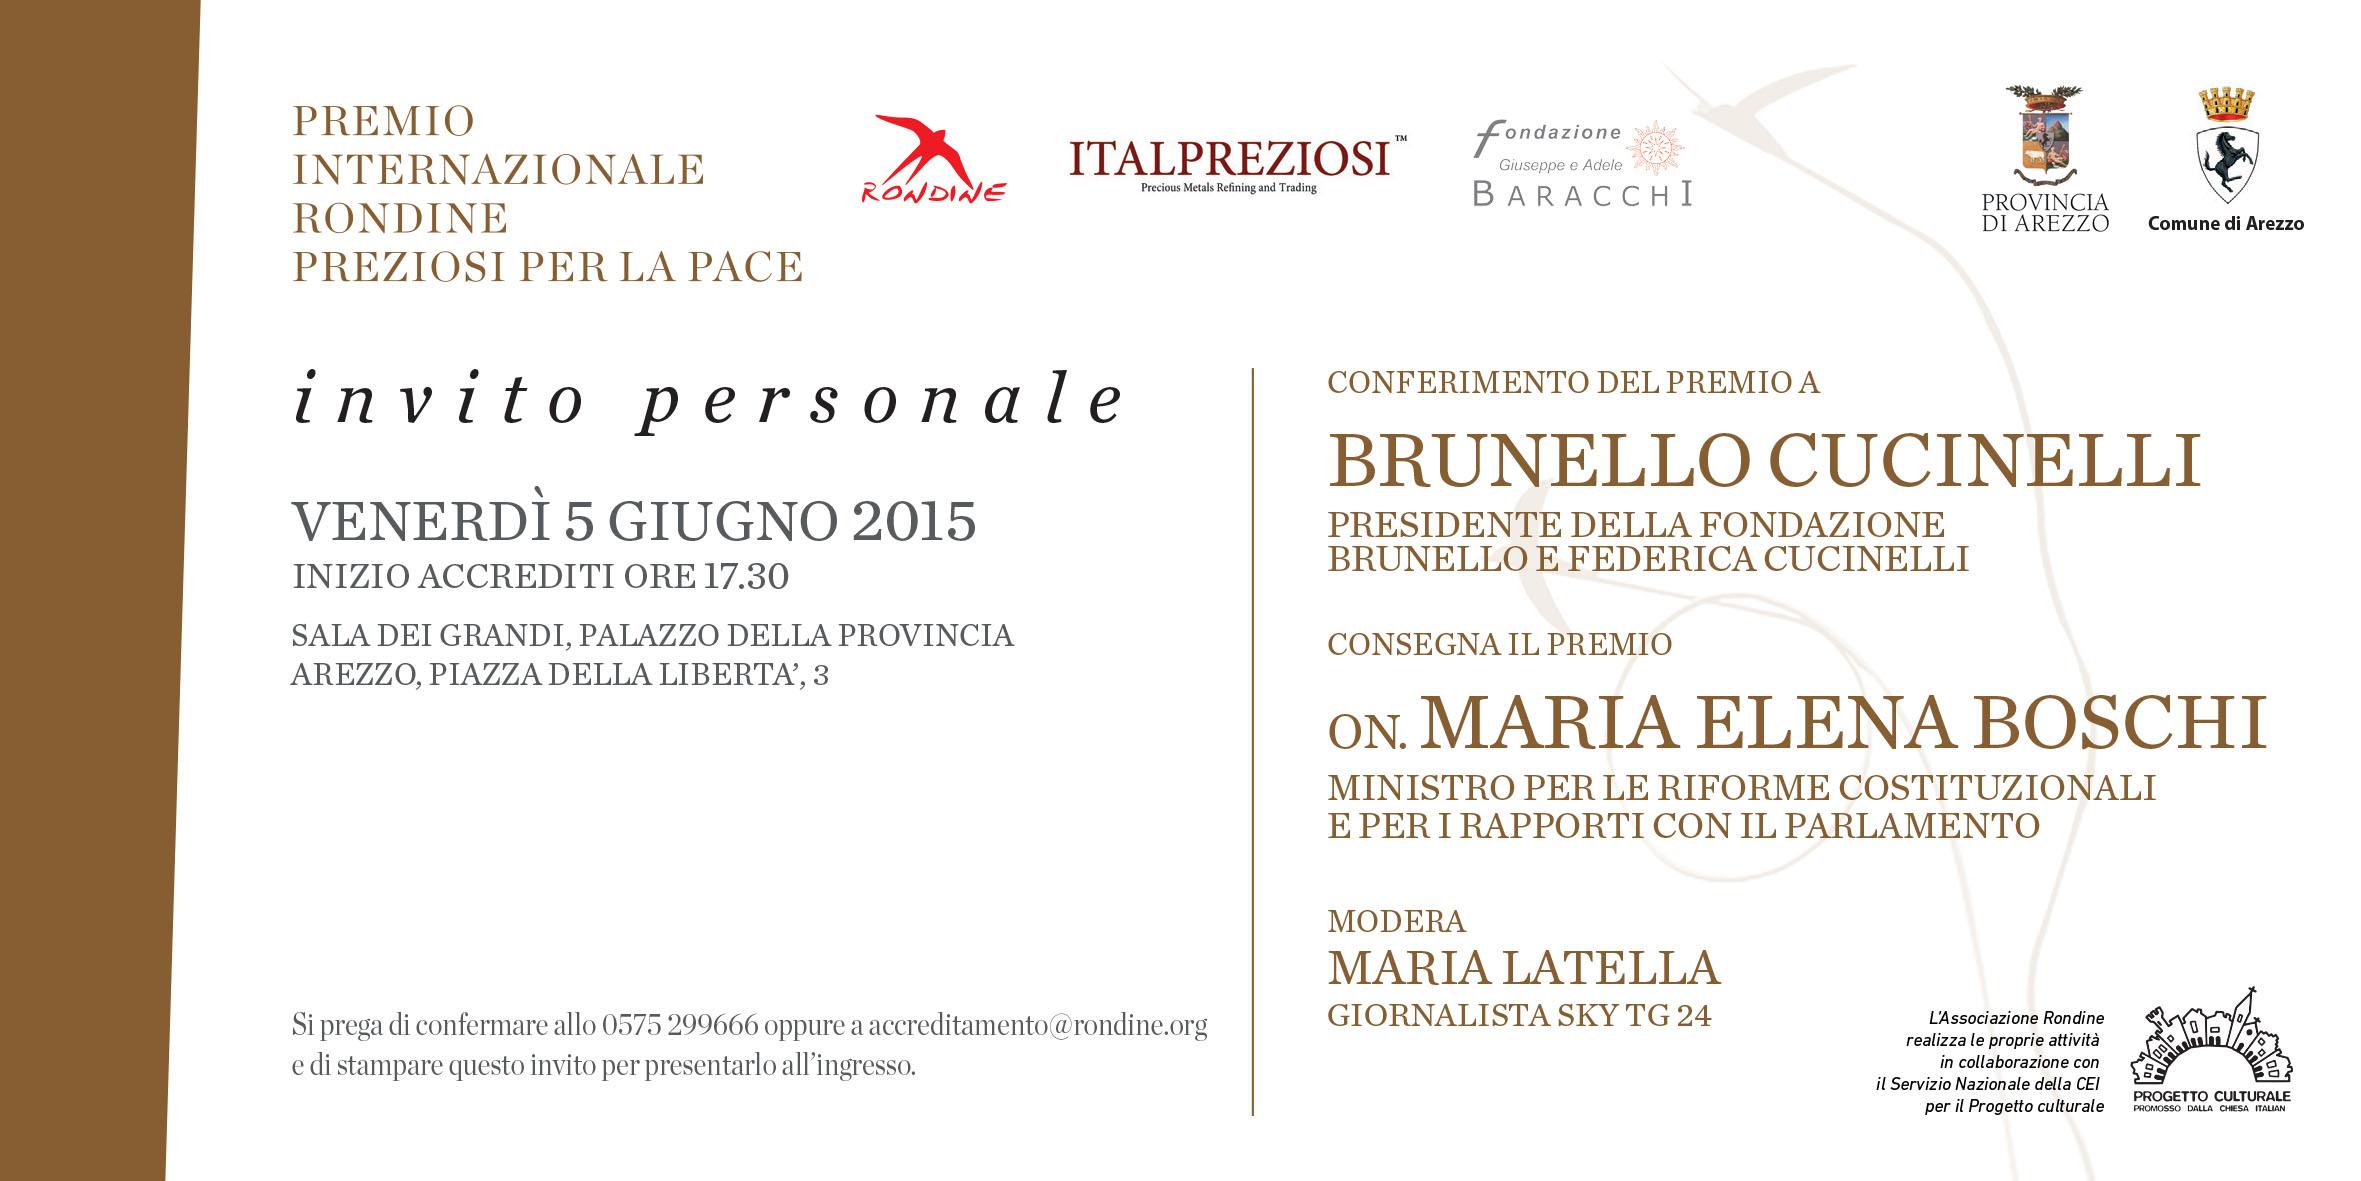 Il Ministro Boschi consegna il Premio Internazionale Rondine Preziosi per la Pace a Brunello Cucinelli